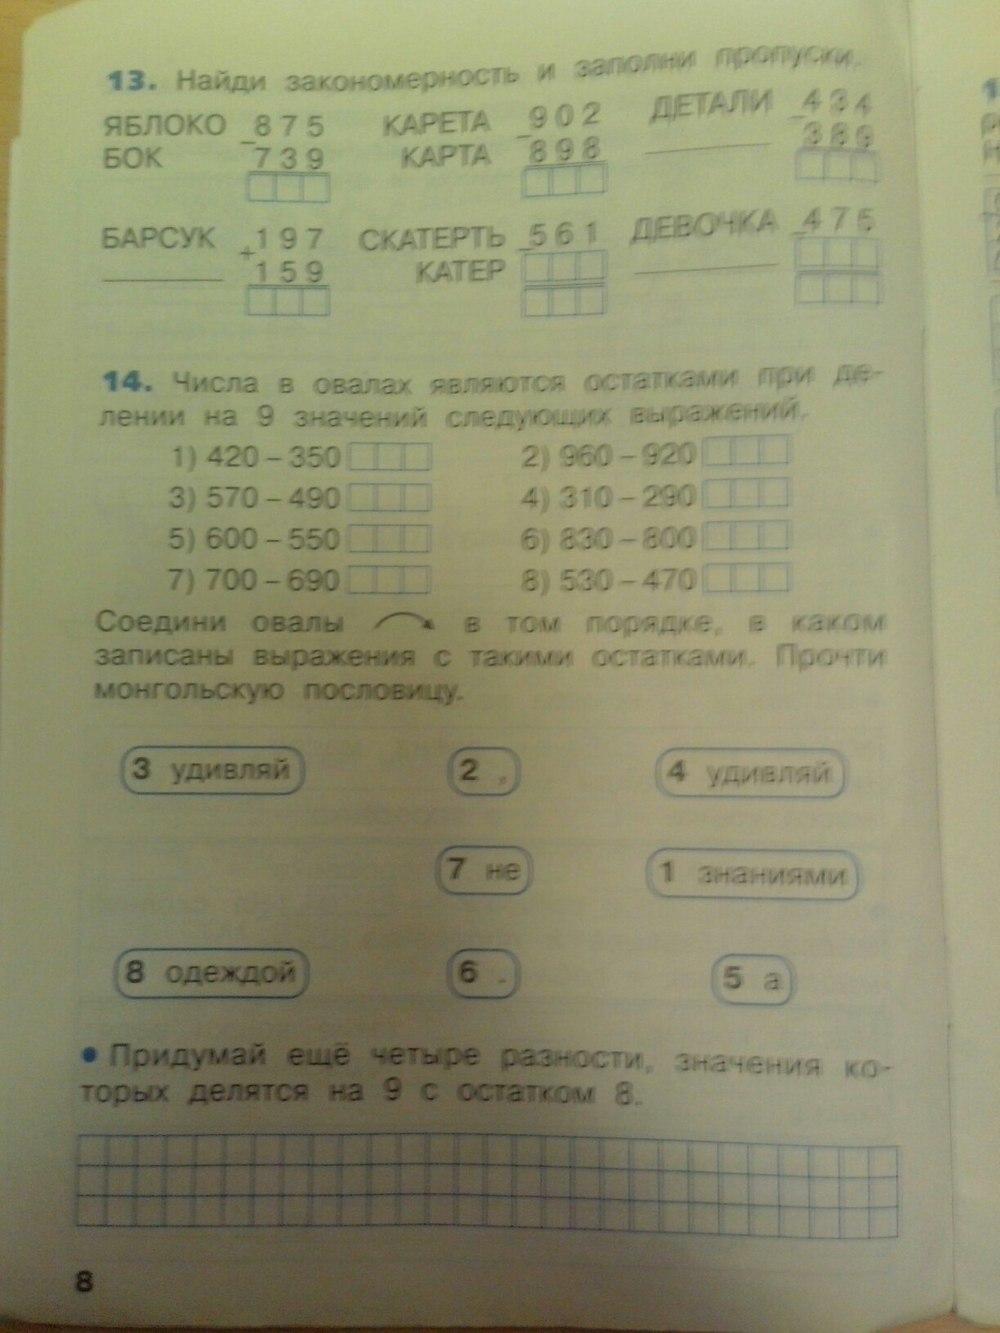 3 3 гдз тетрадь рабочая бененсон класс ответы математика